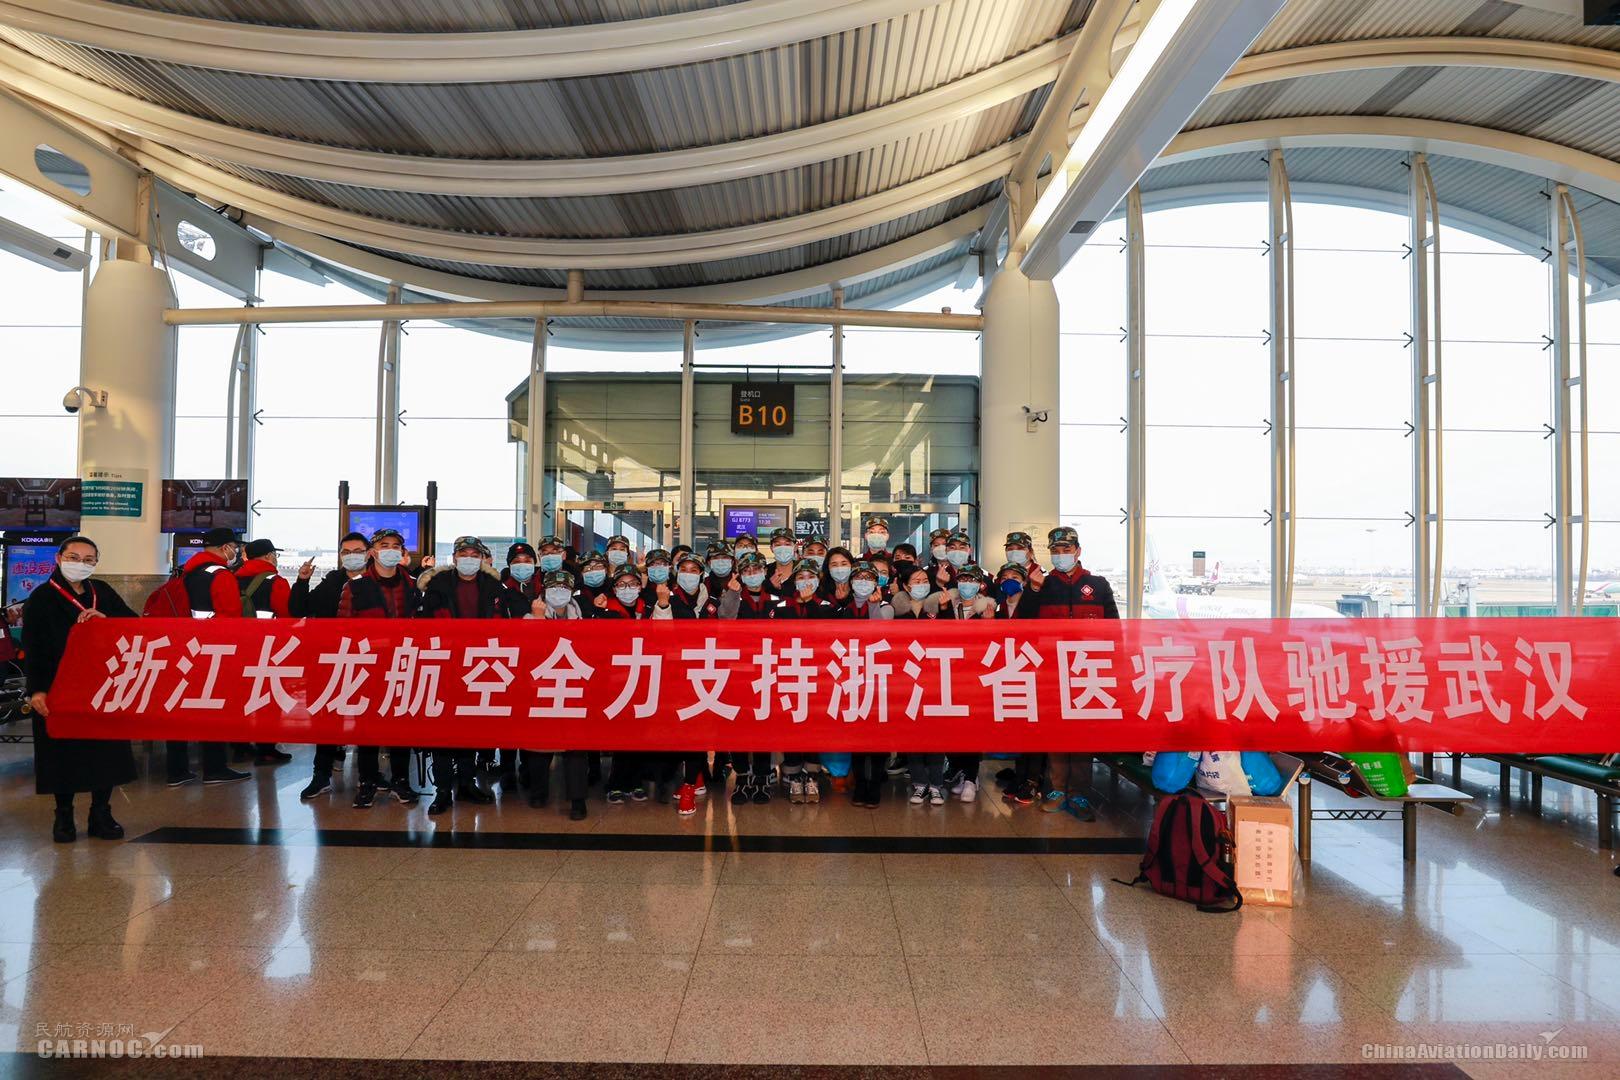 浙江长龙航空两小时执飞5架包机  运送浙江省医疗队576人驰援武汉